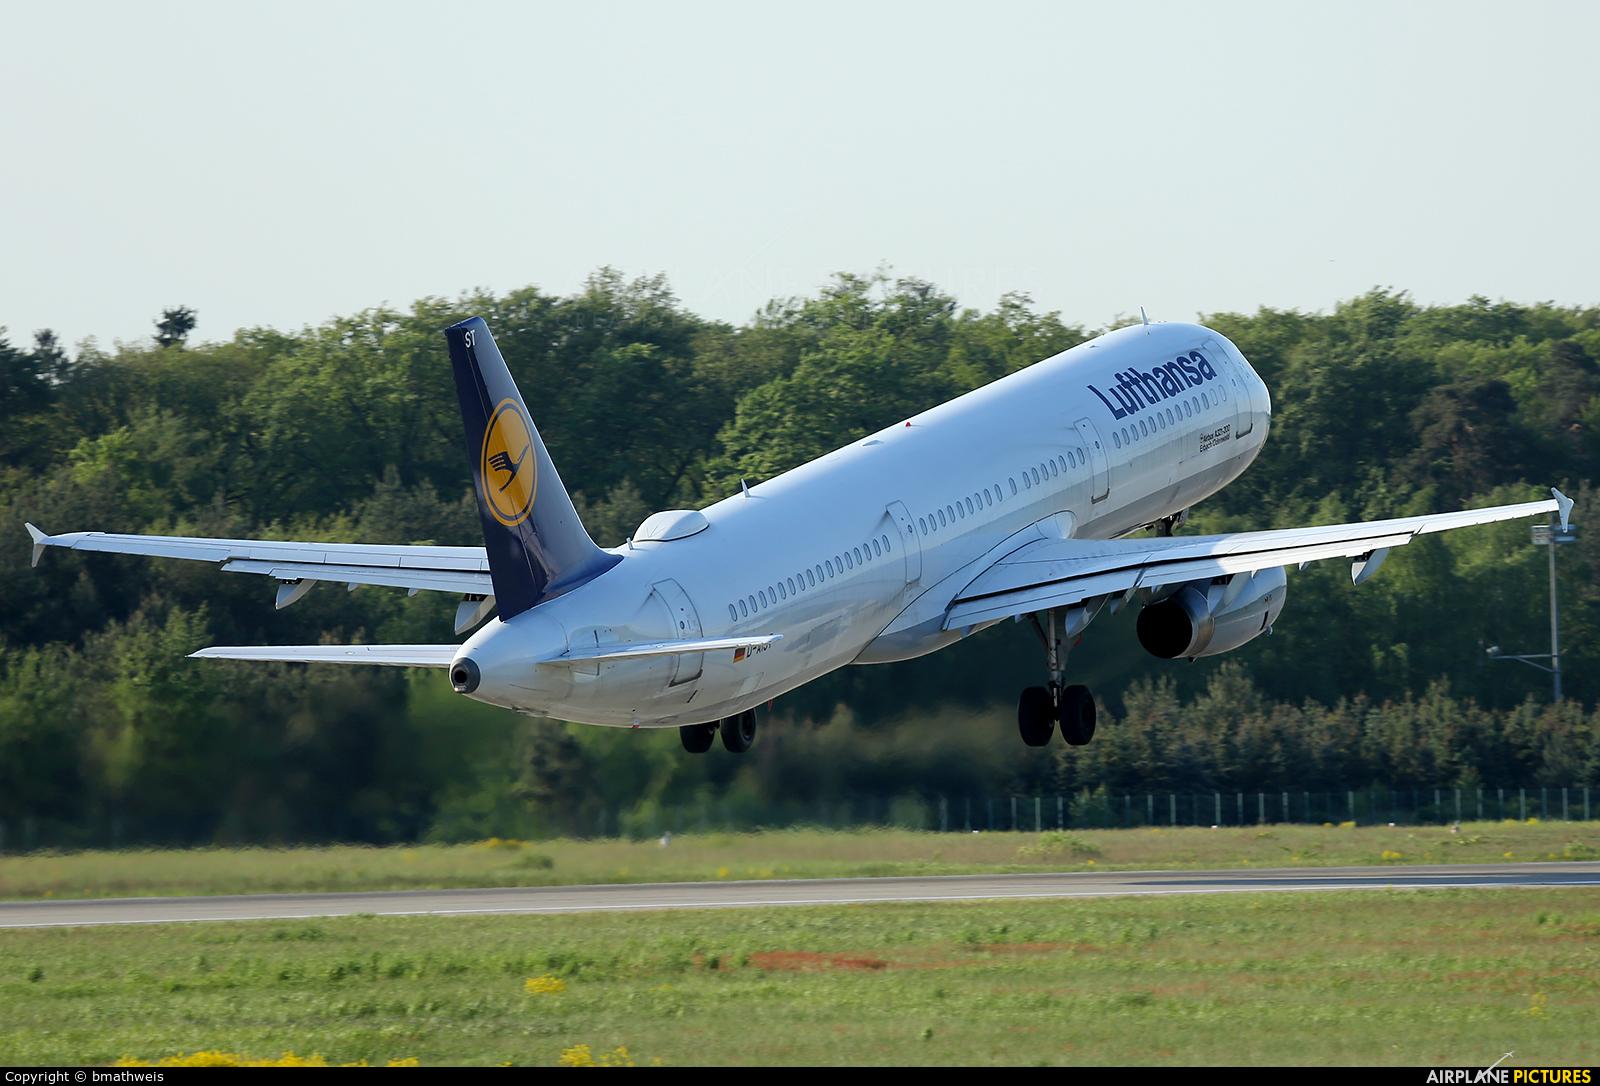 Lufthansa D-AIST aircraft at Frankfurt